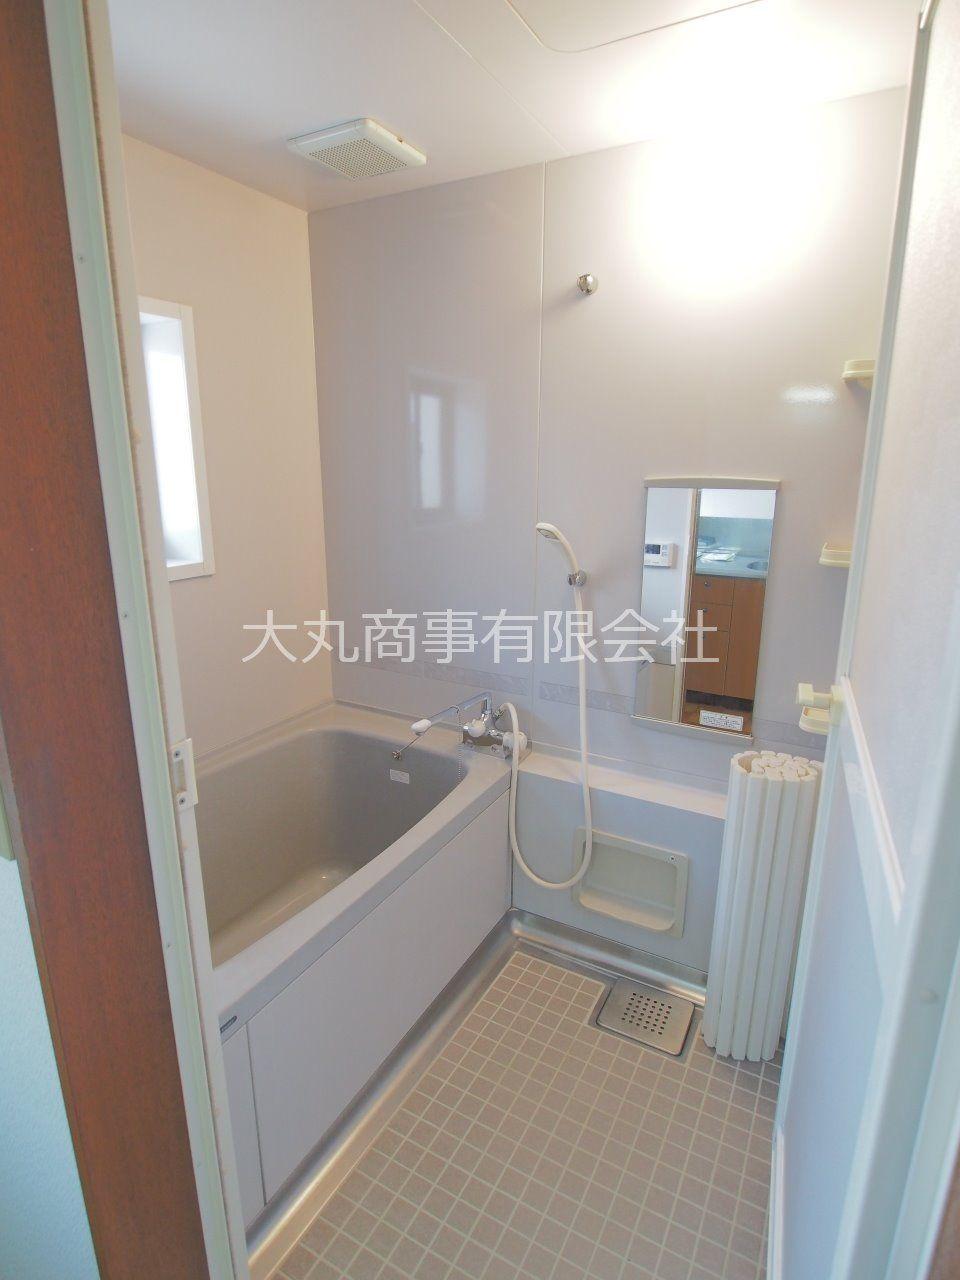 窓のある浴室は、入浴後の換気もしっかりできます。